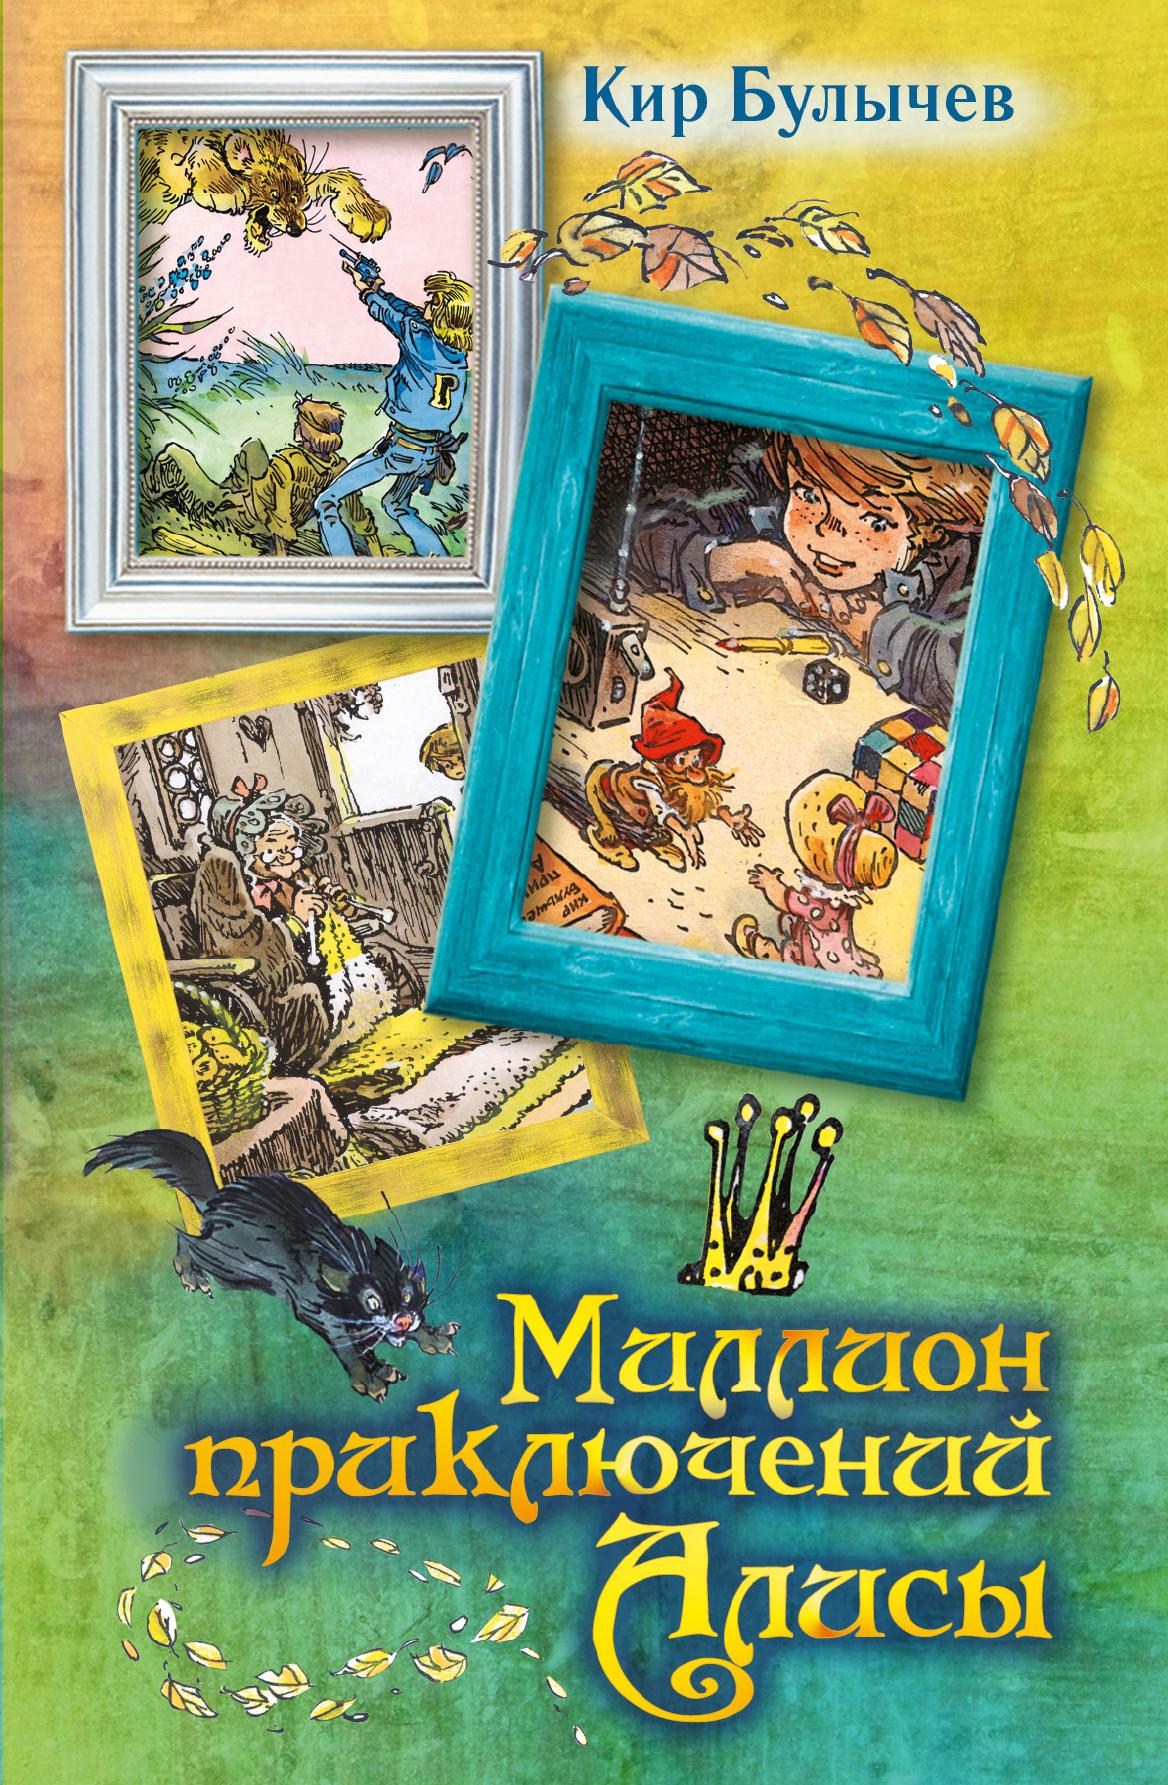 Кир Булычев Миллион приключений Алисы (сборник) серенький козлик